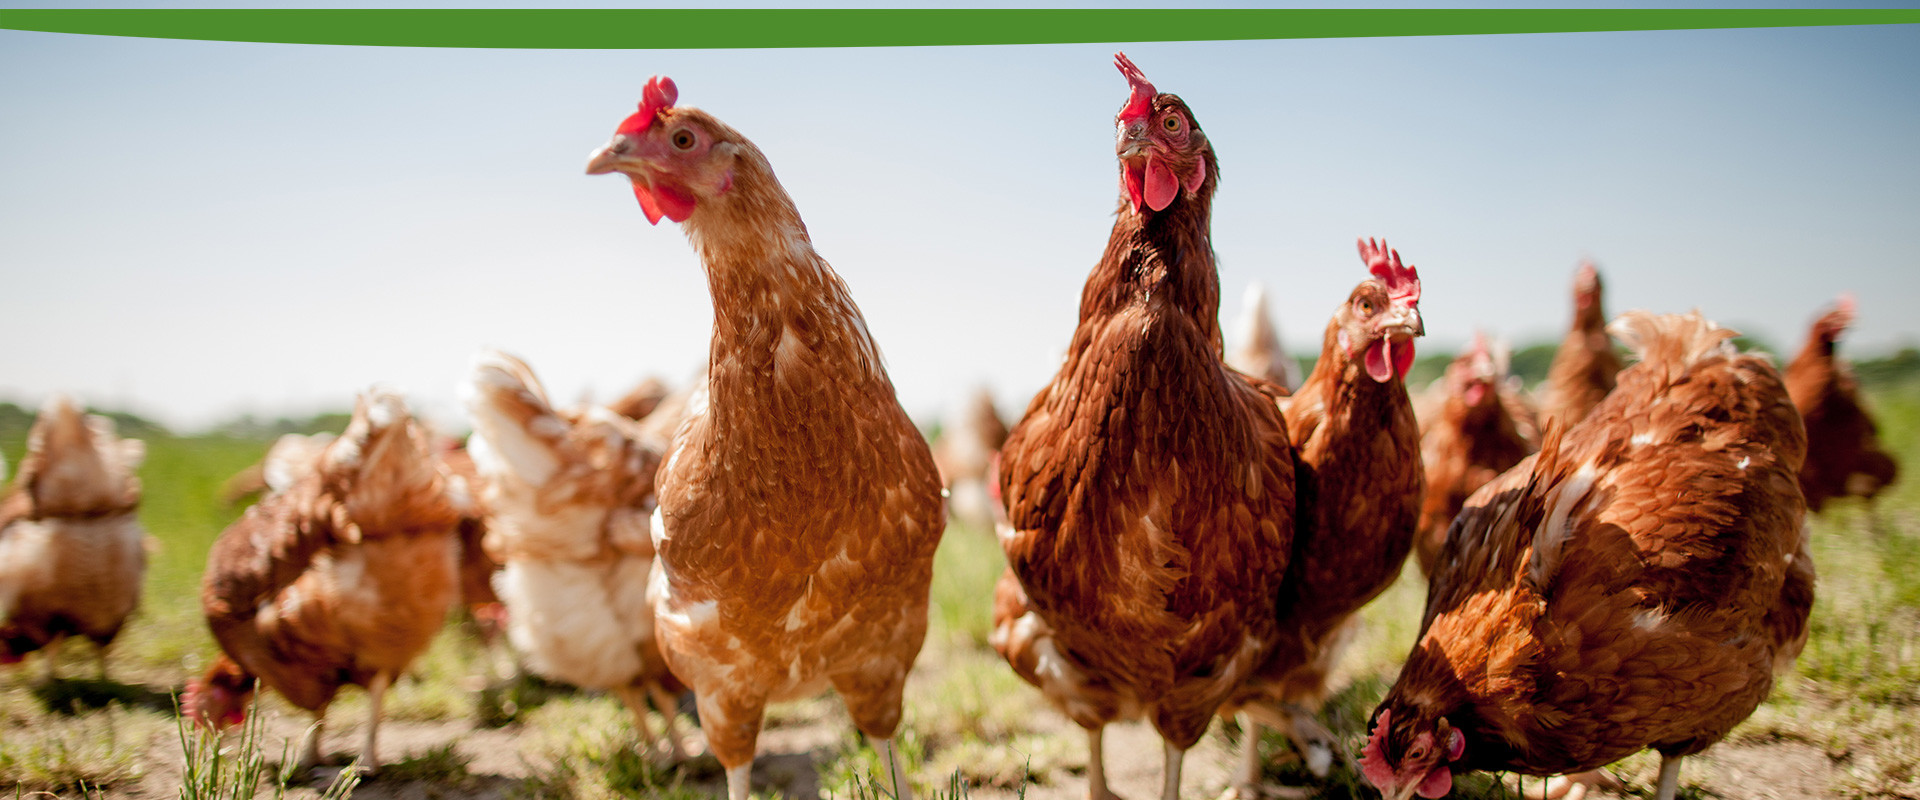 Wiesbauer Mühle - Hühner